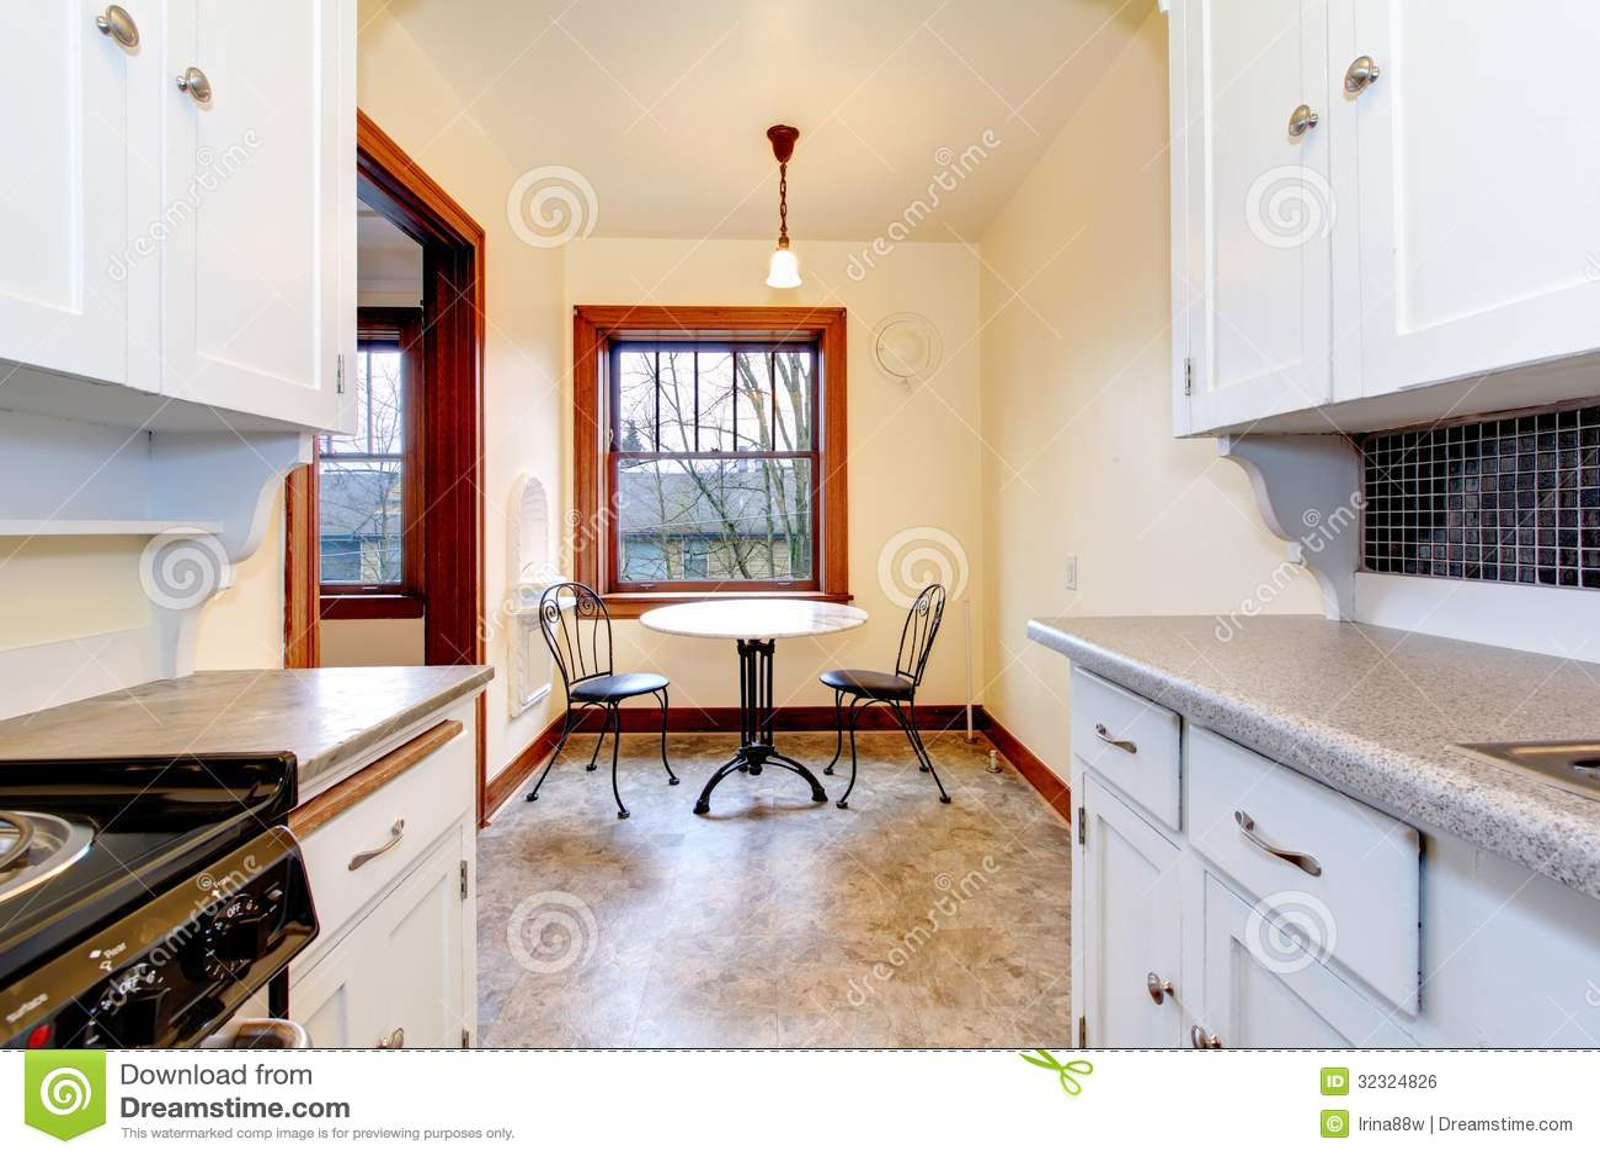 Witte oude keuken met kleine eettafel royalty vrije stock afbeelding afbeelding 32324826 - Kleine witte keuken ...